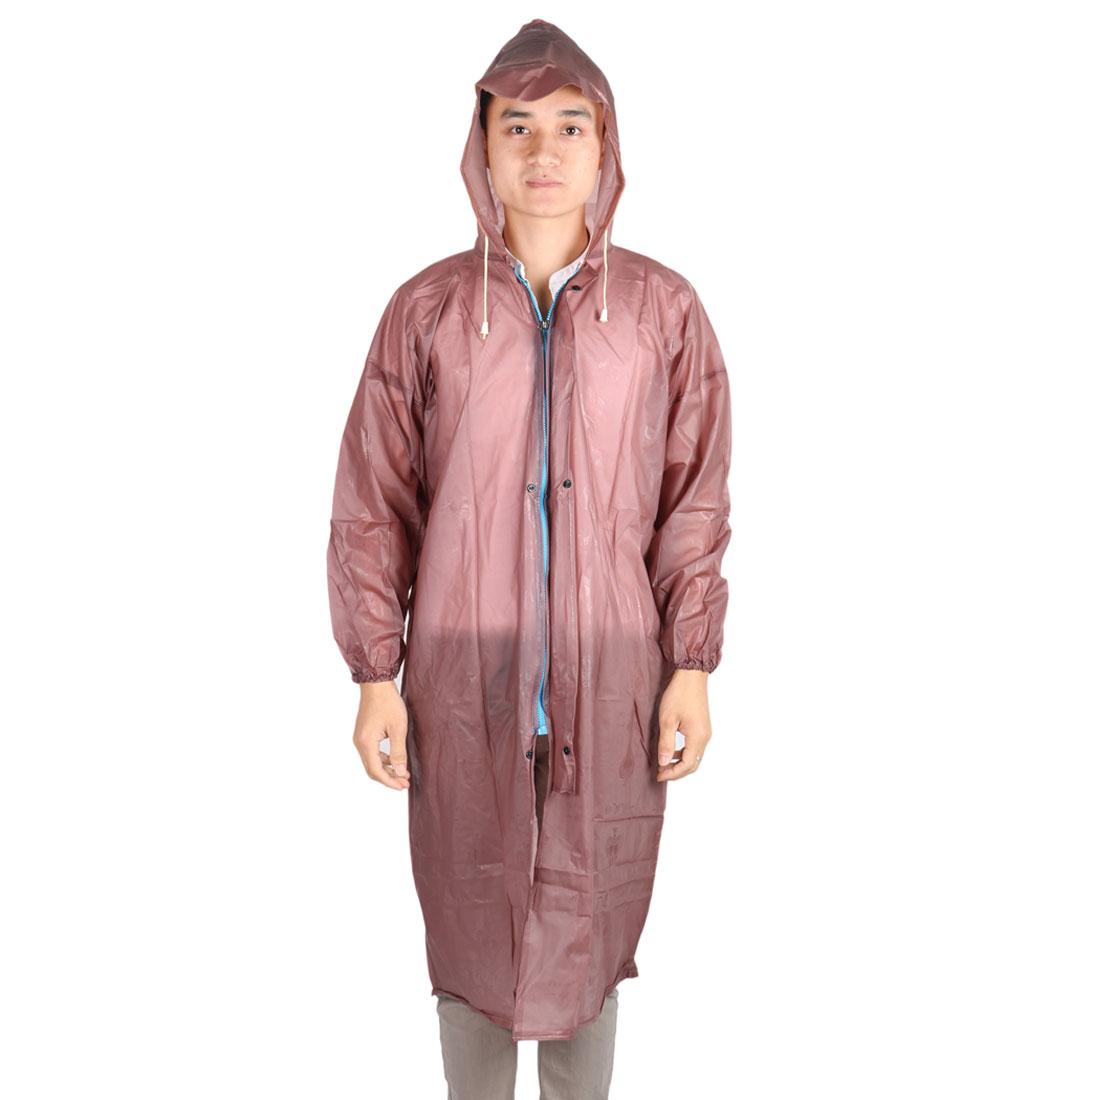 Outdoor Camping Hiking Motorcycle Plastic Water Resistant Dustproof Raincoat Protector Brown